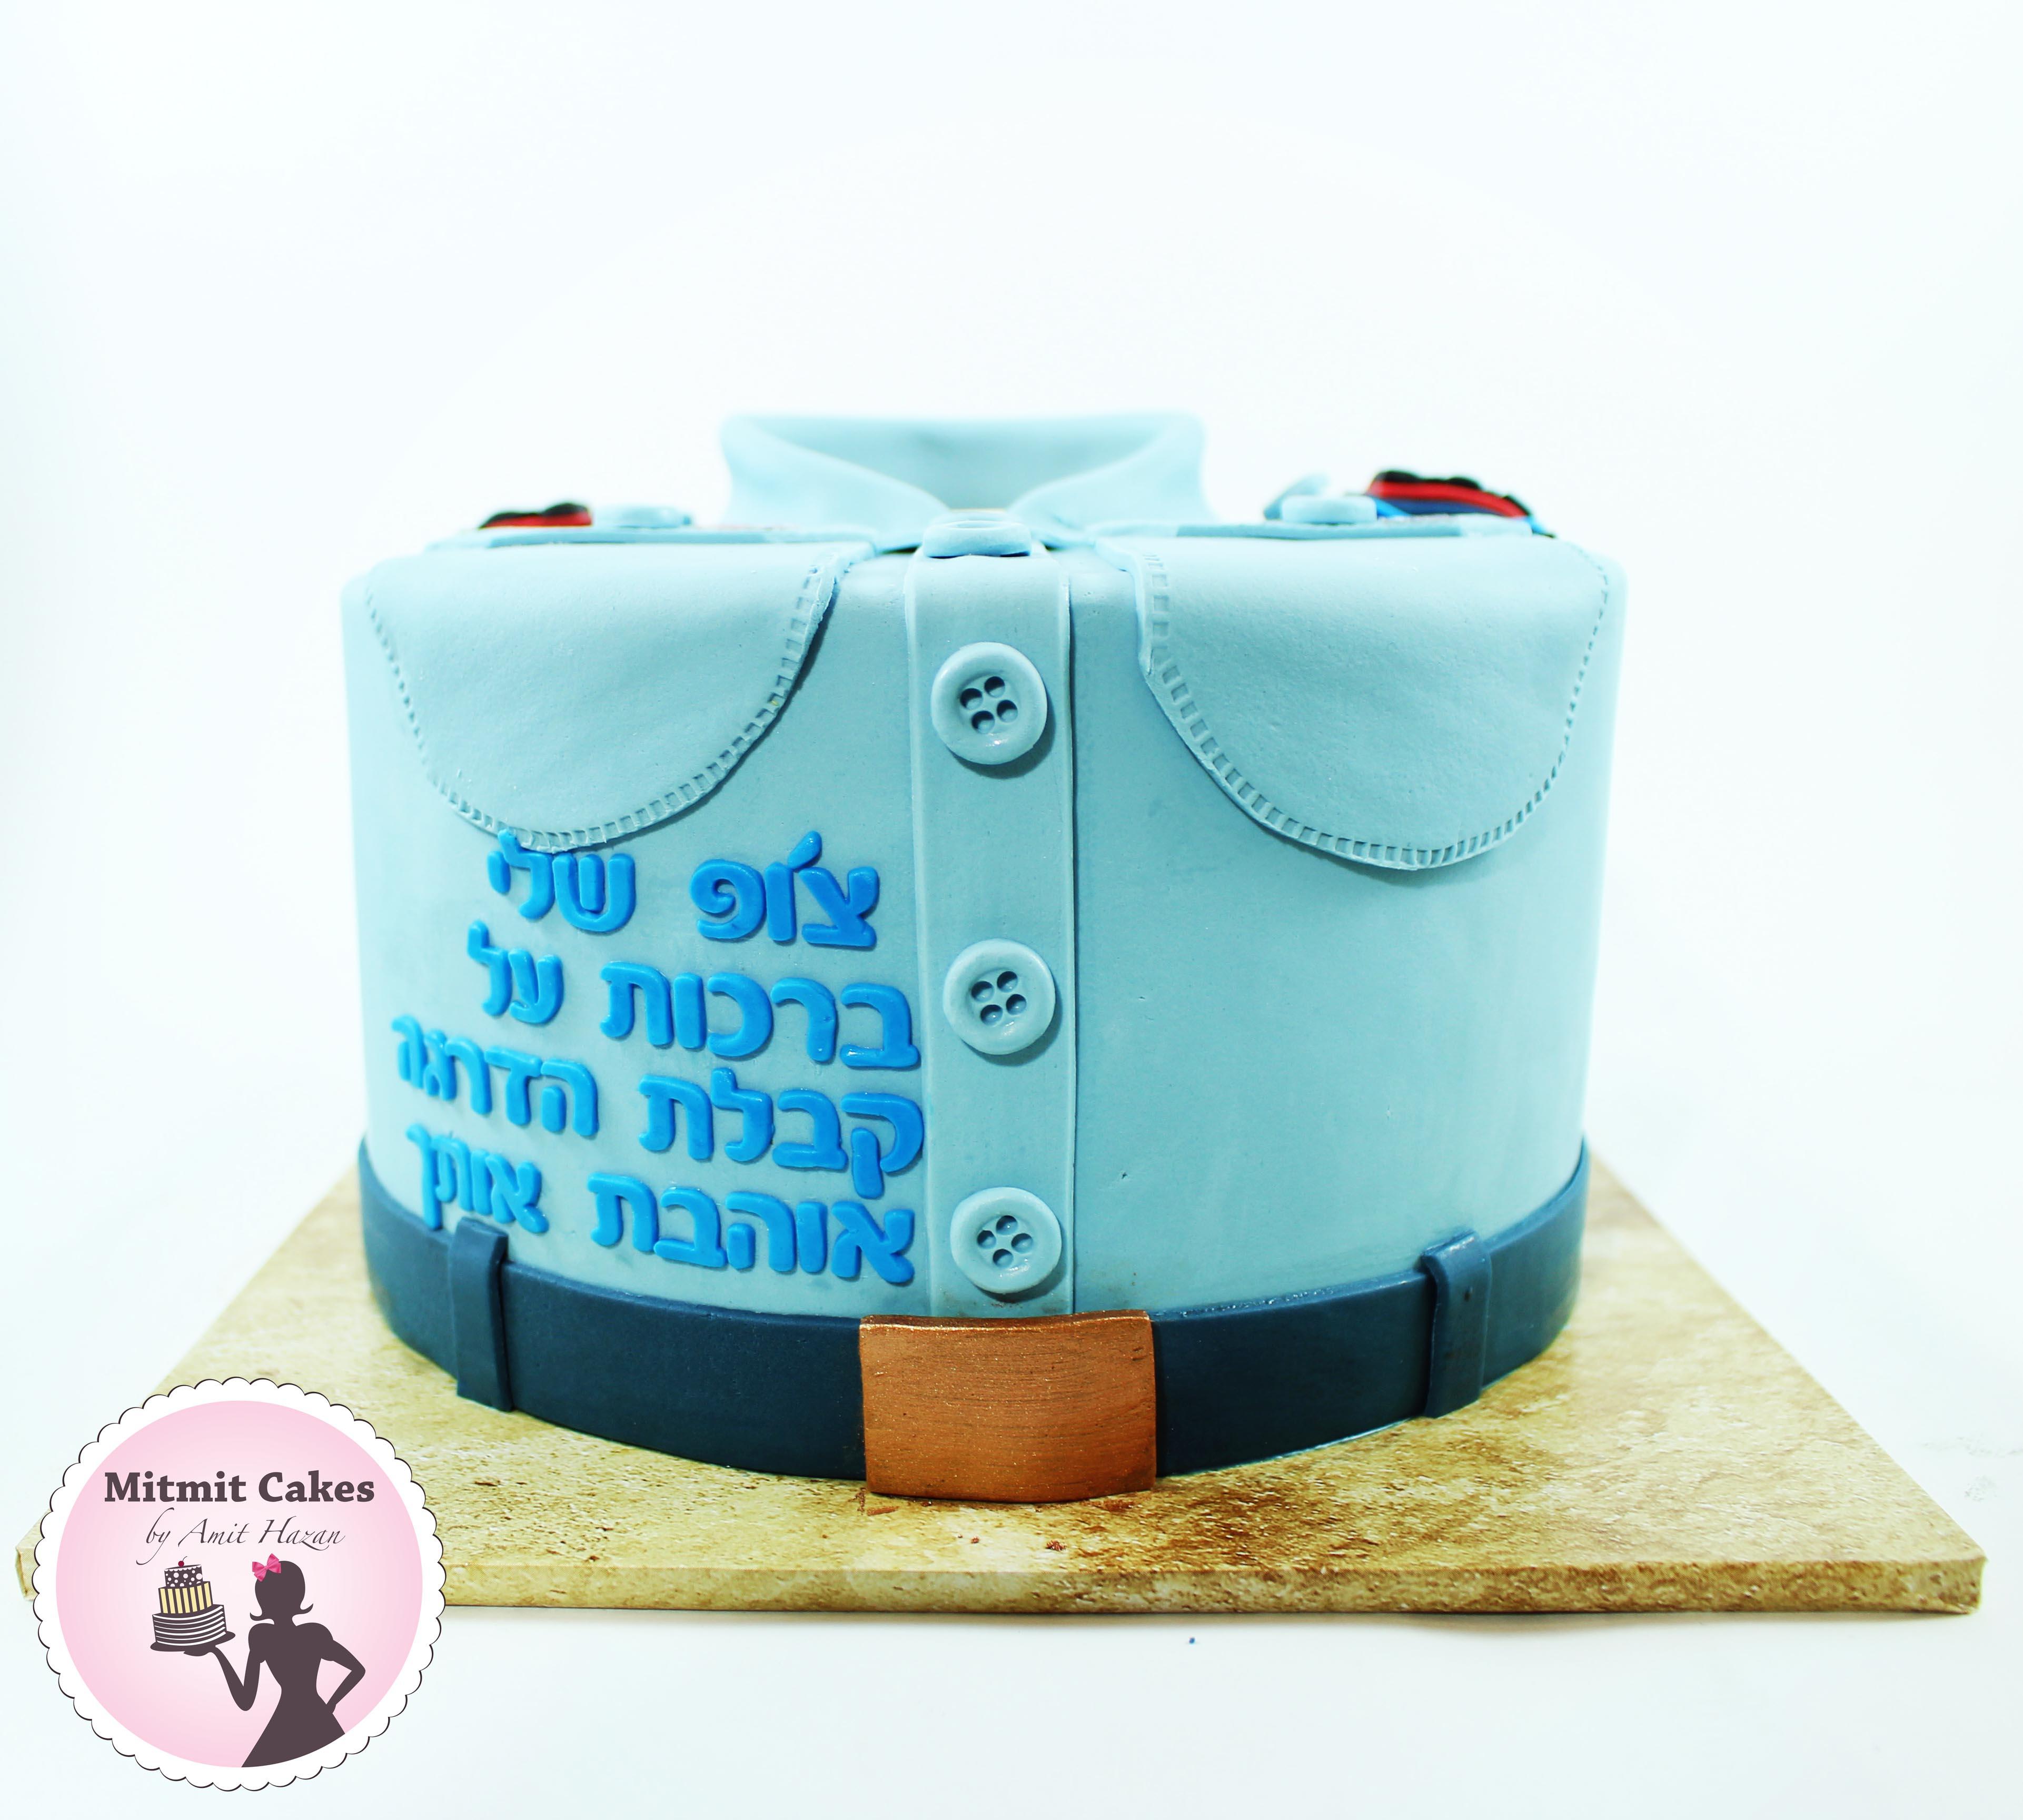 עוגת מדים לקבלת דרגה